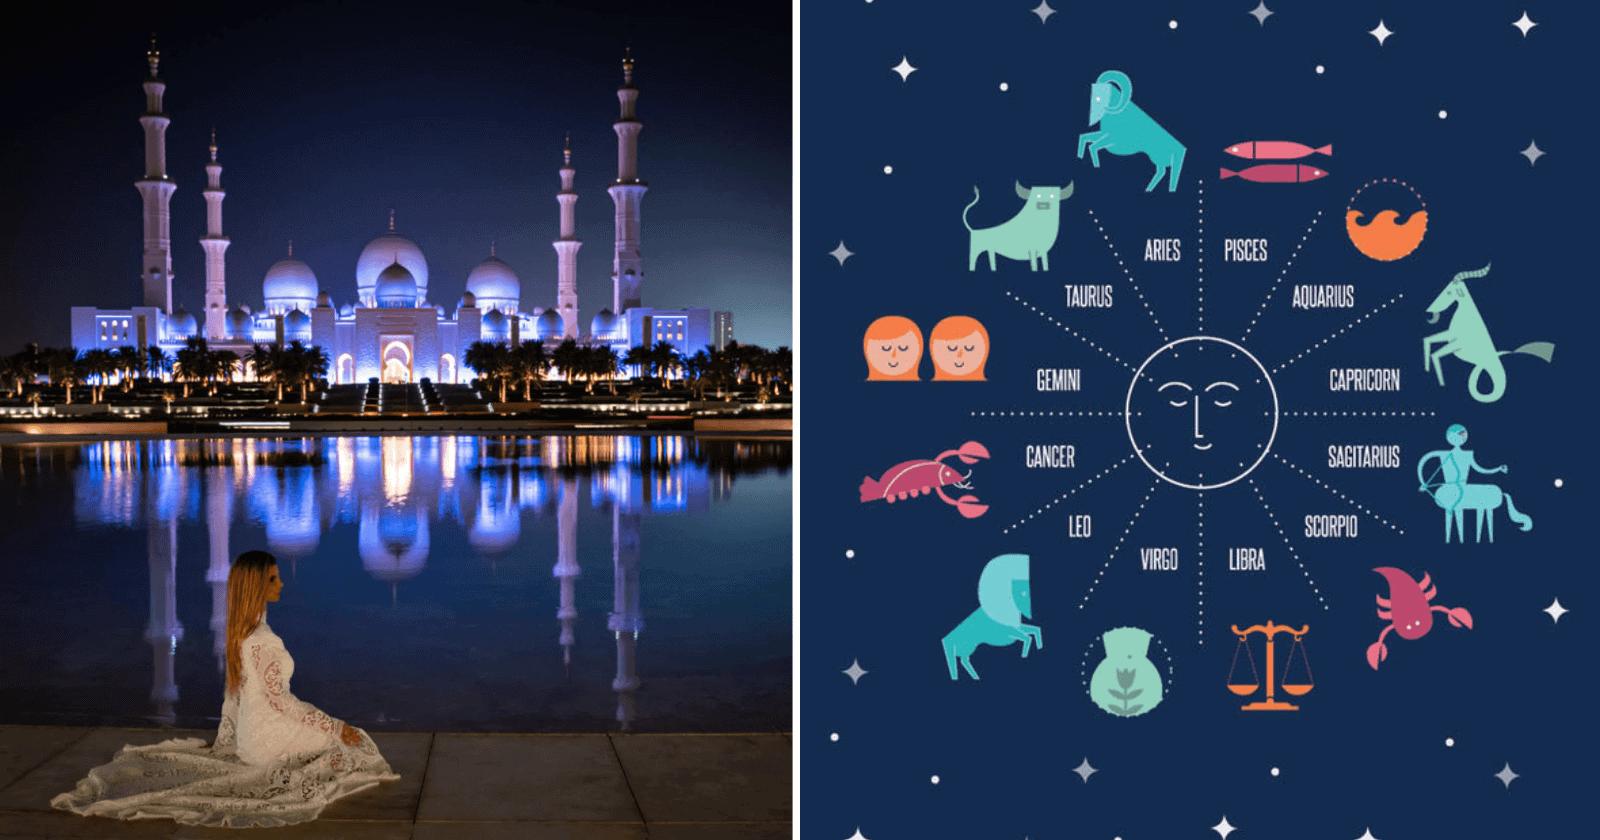 Os Signos árabes podem te descrever segredos profundos - Descubra o seu!